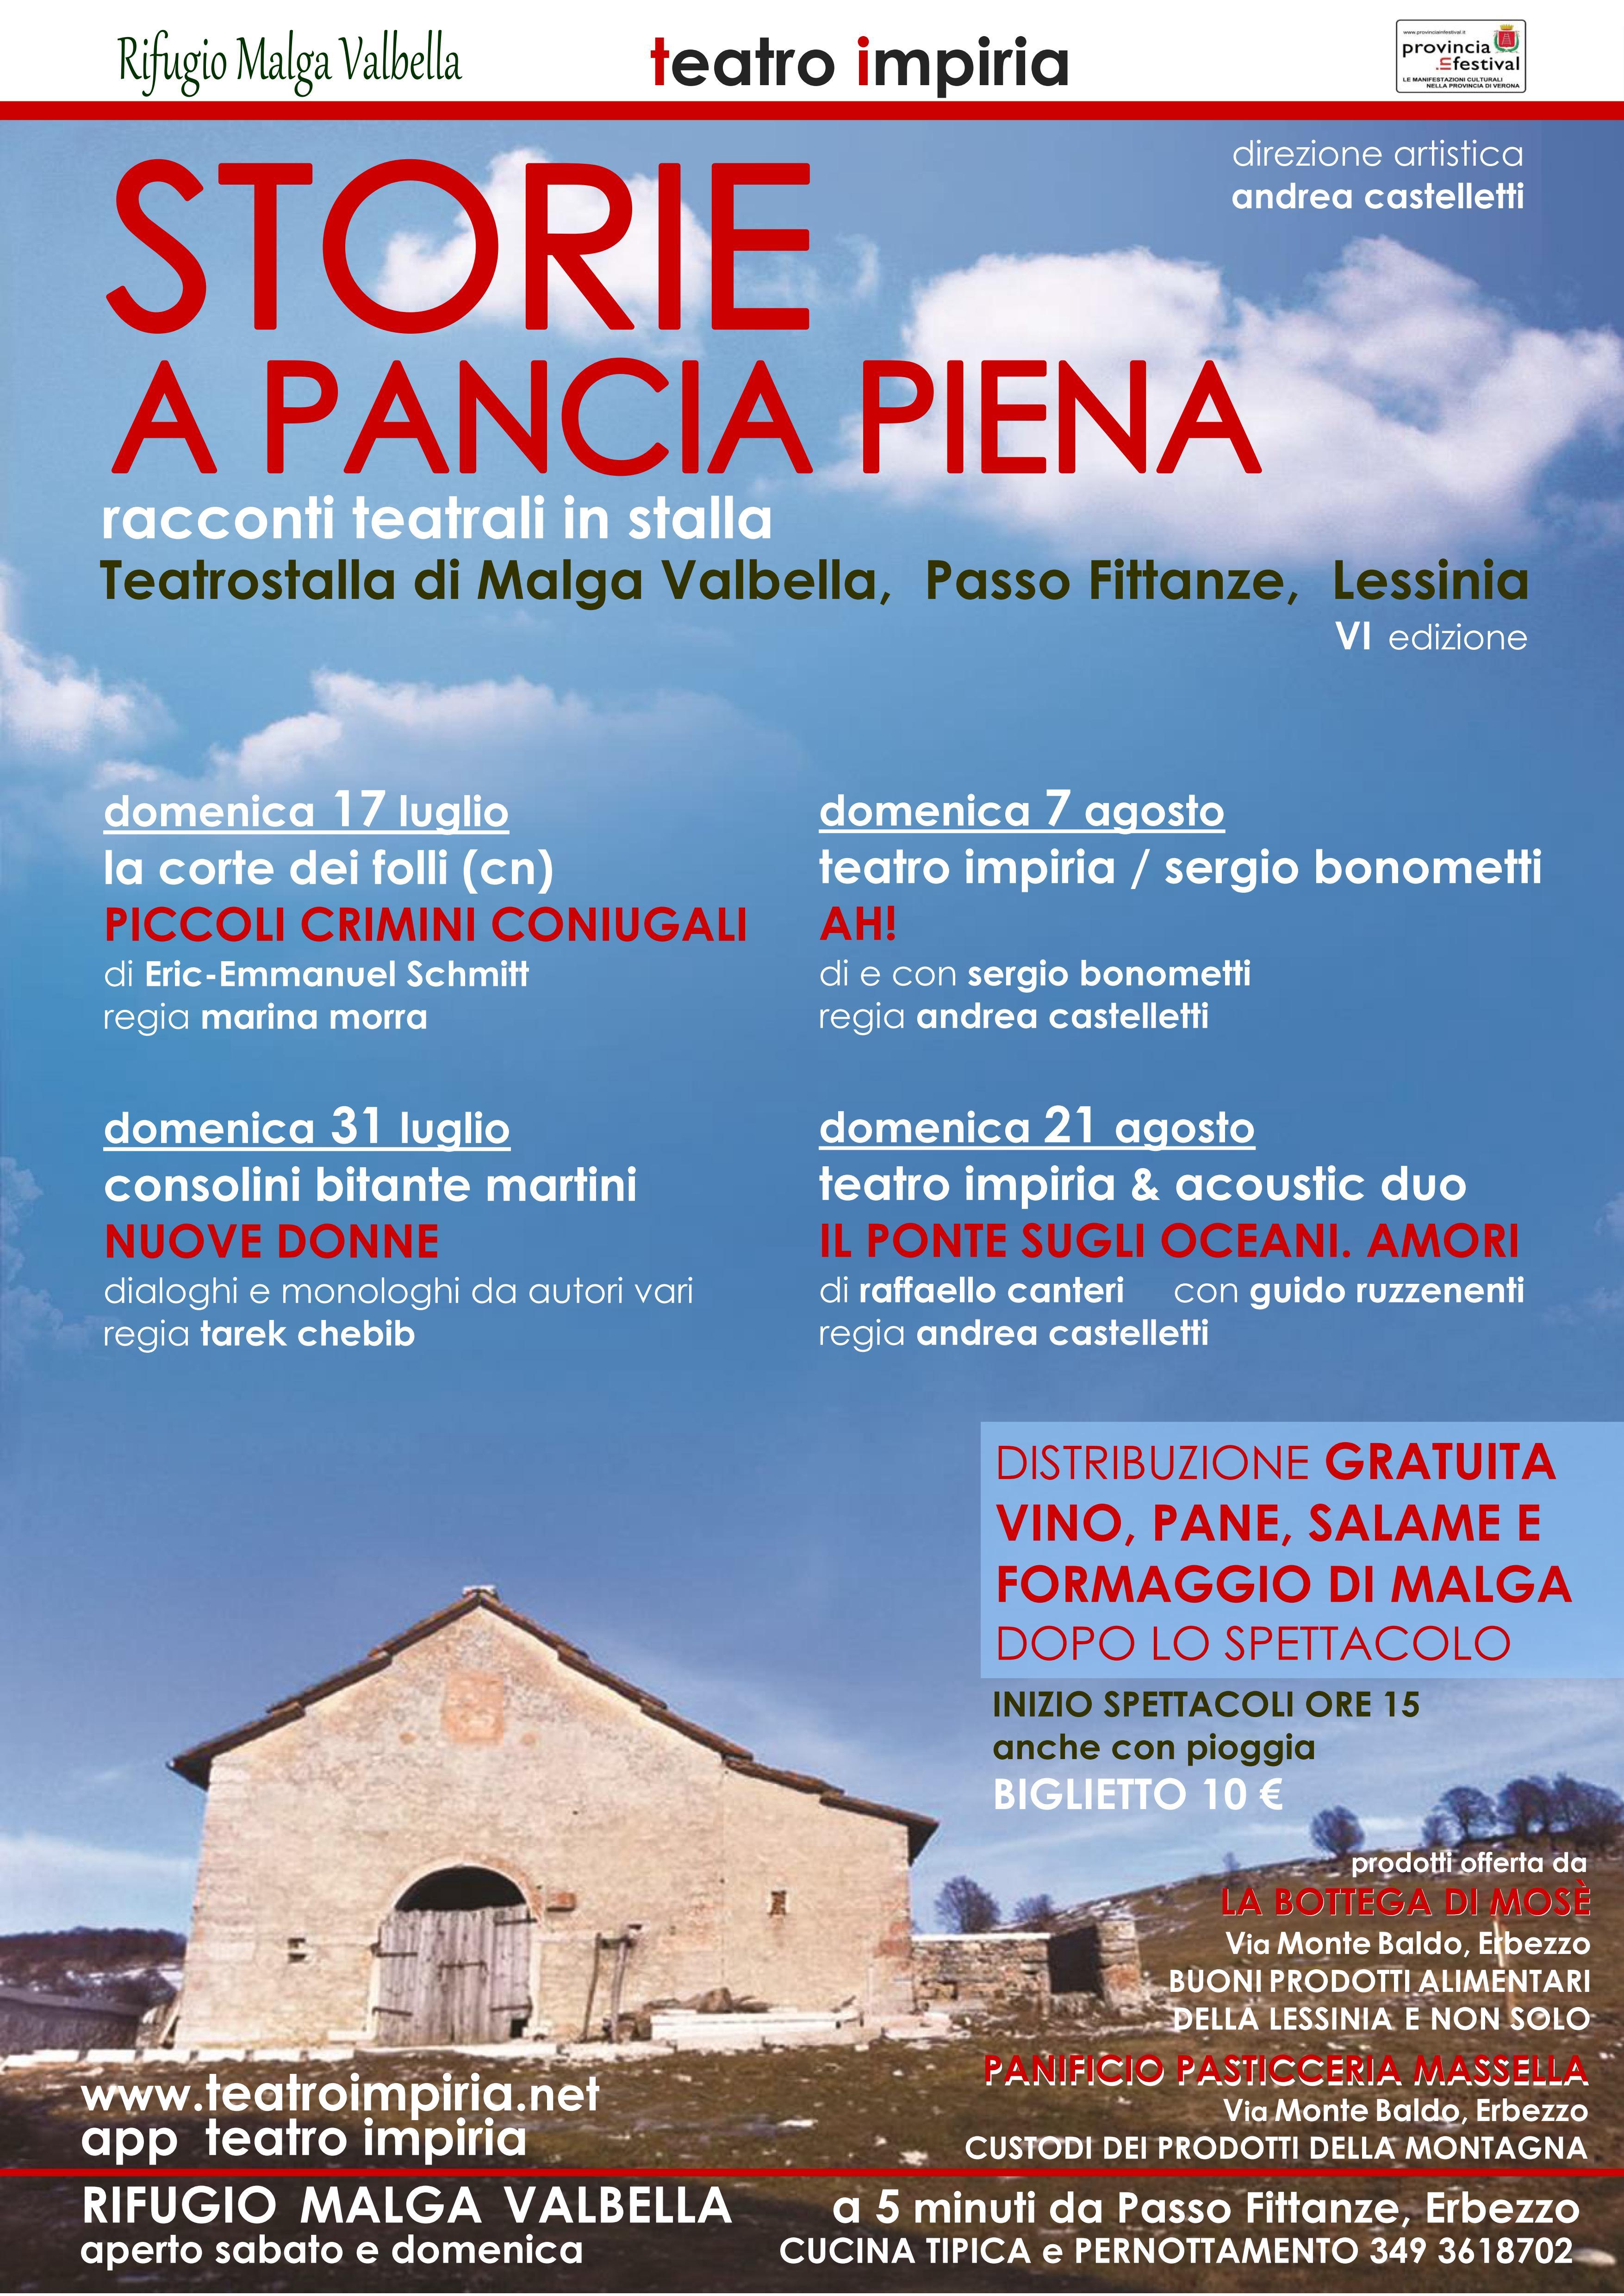 teatro-impiria-verona-storie-a-pancia-piena-malga-lessinia